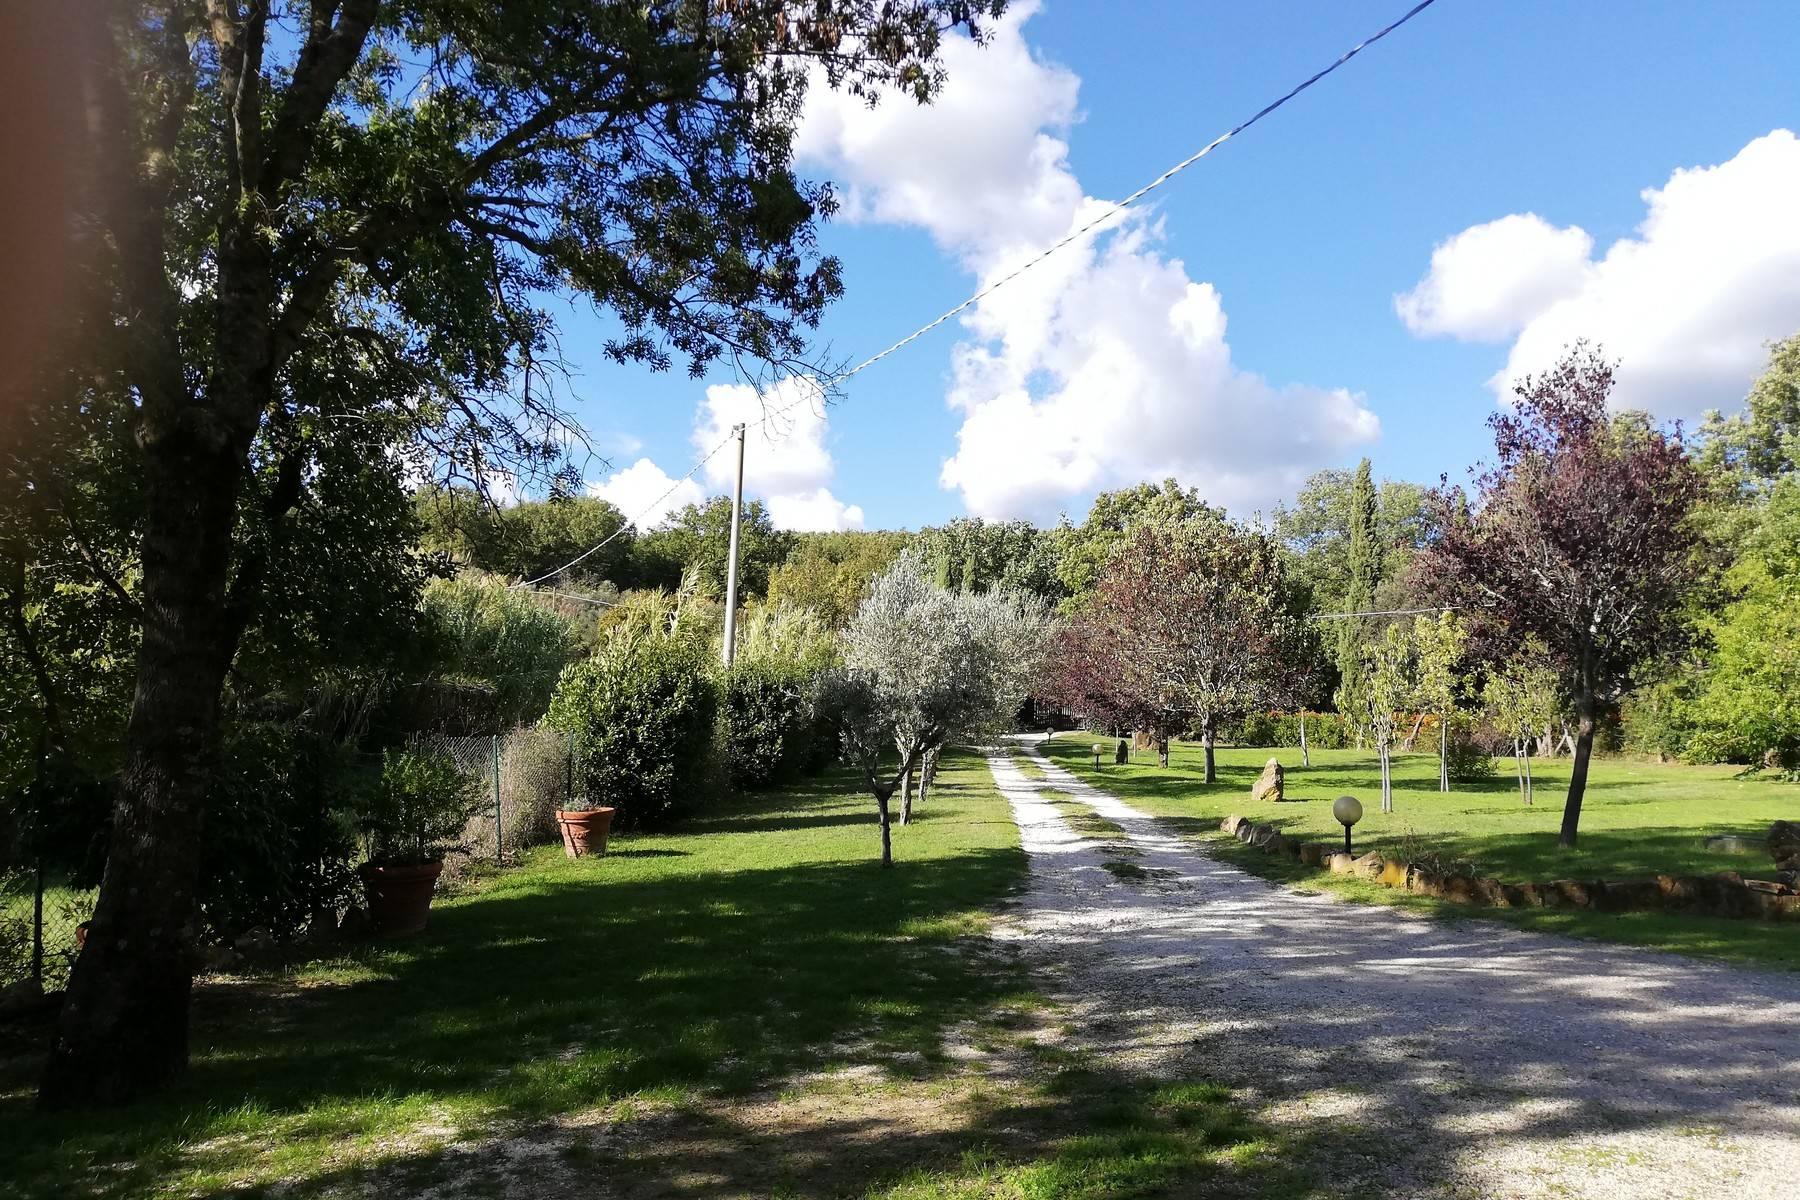 Rustico in Vendita a Manciano: 5 locali, 357 mq